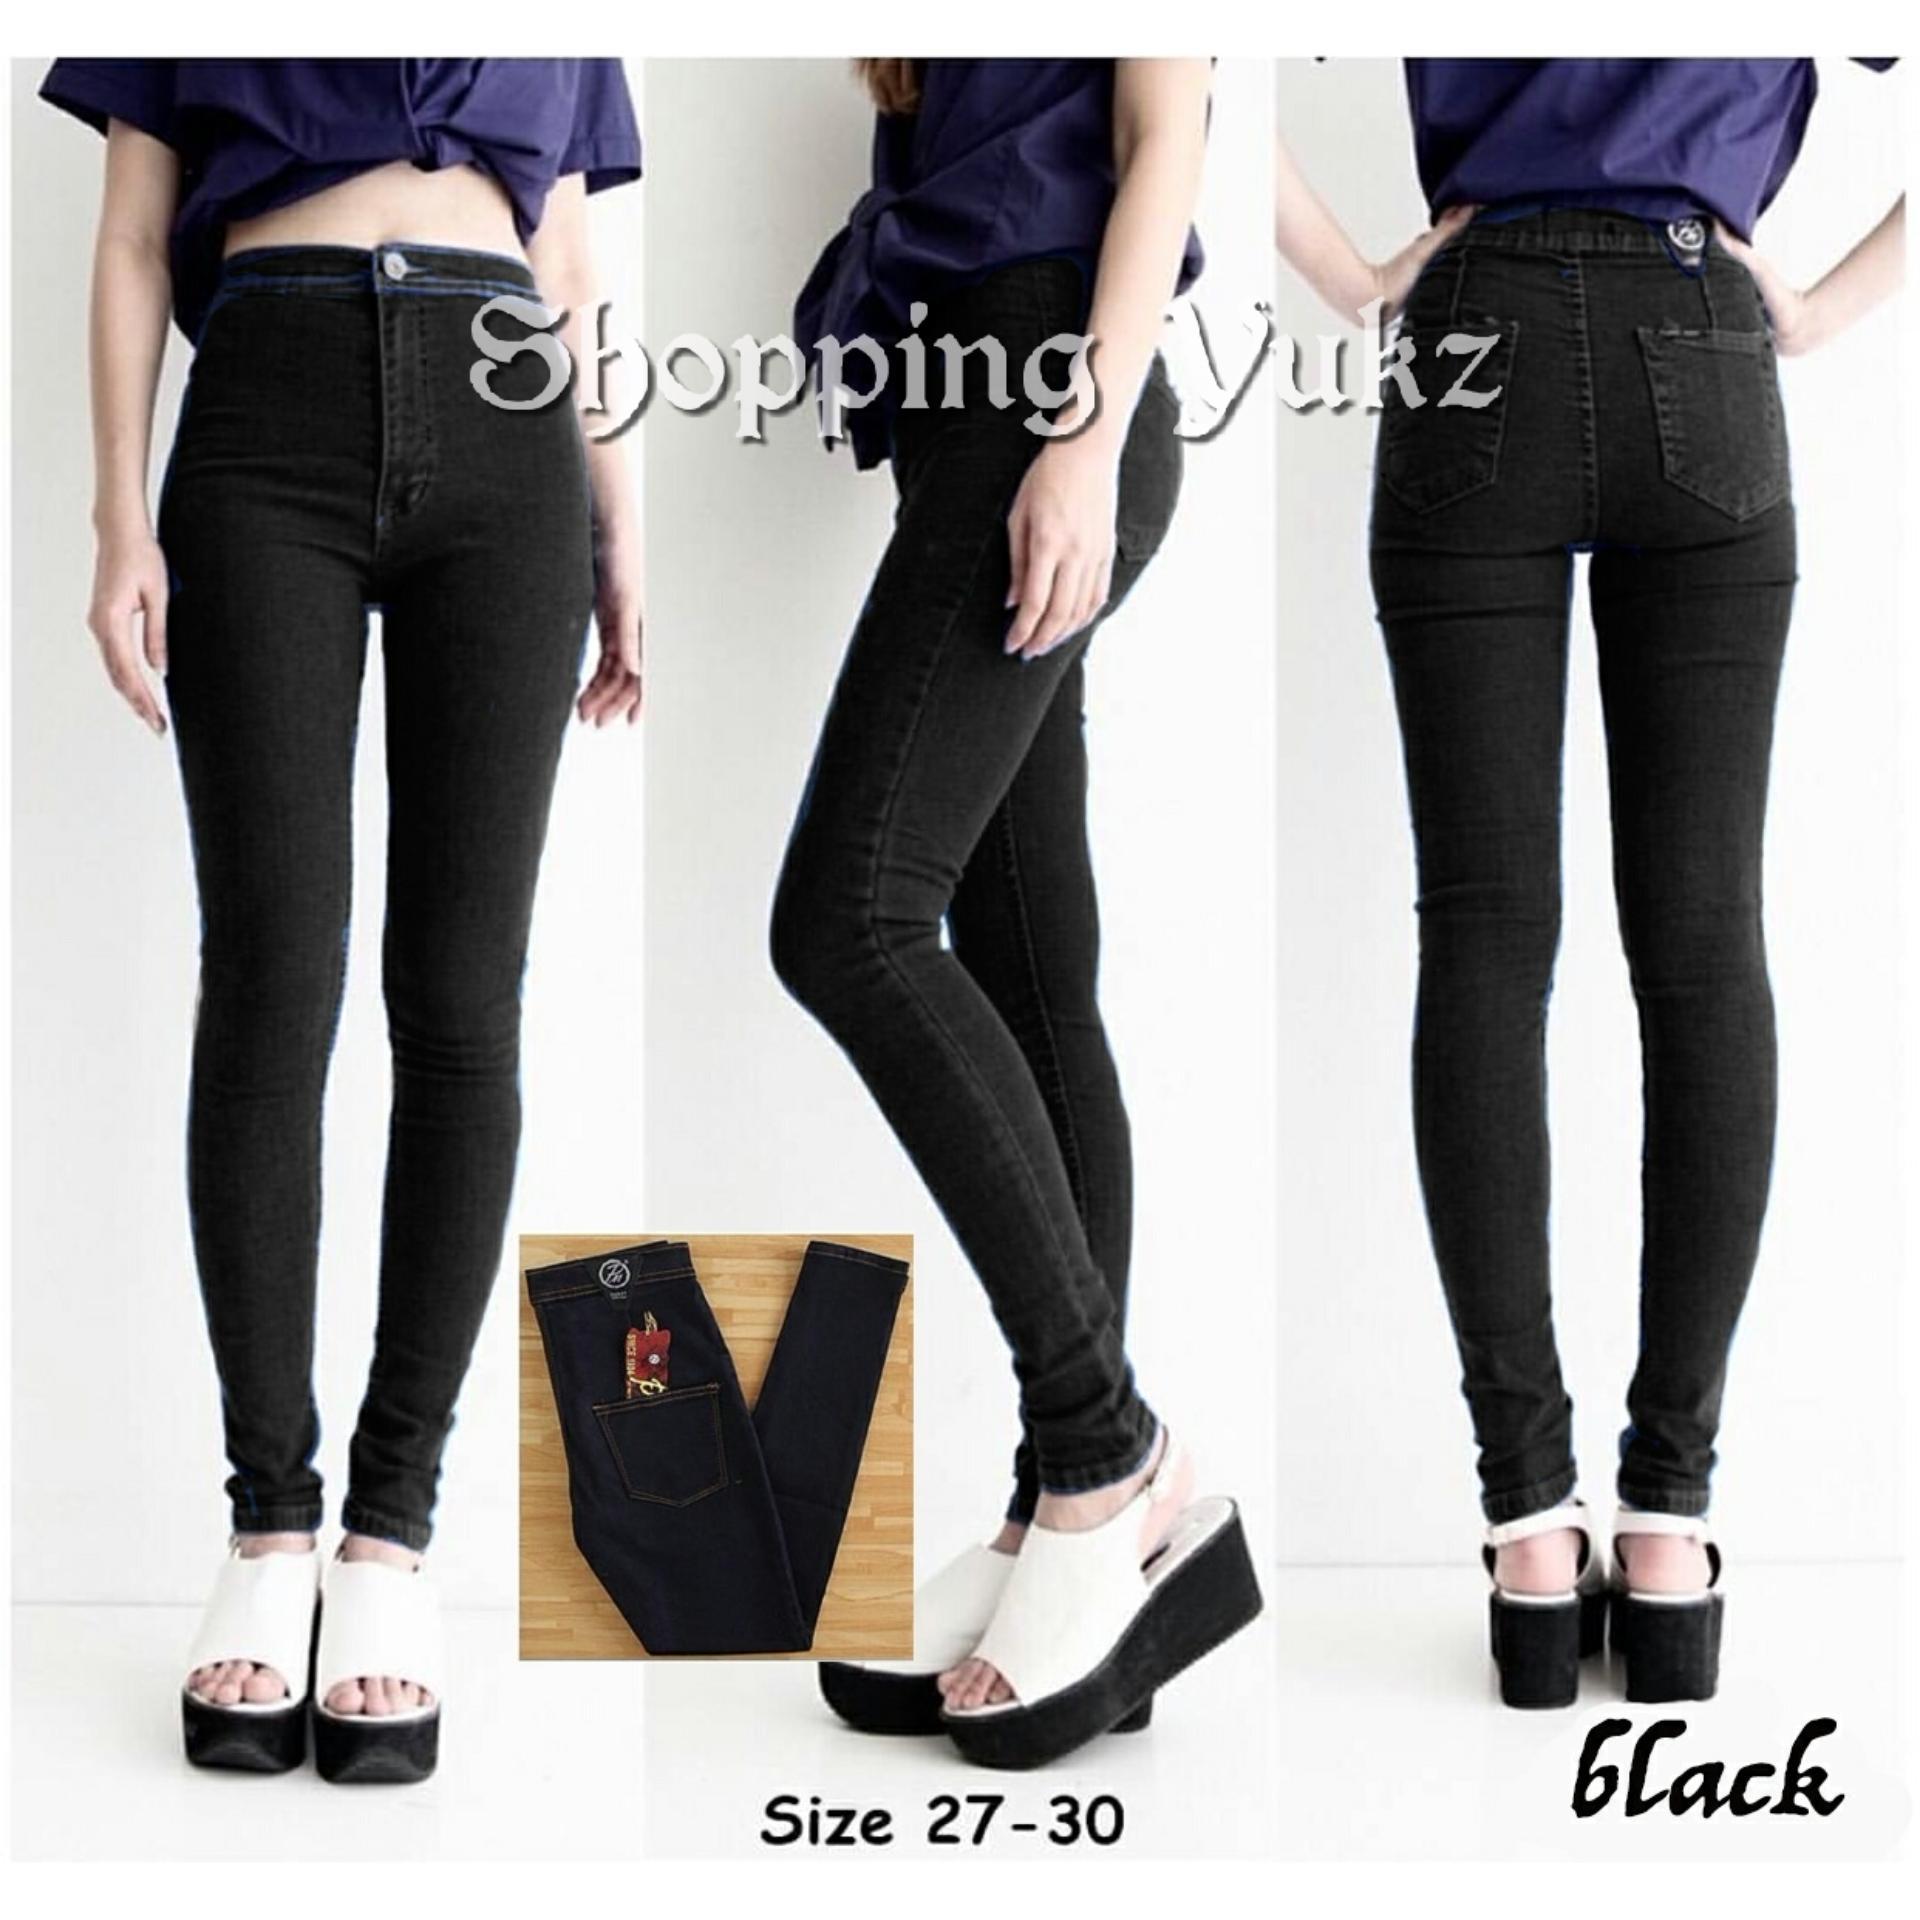 Harga Hemat Shopping Yukz Celana Jeans Wanita Skinny Highwaist Hunny Hitam Kualitas Premium Celana Panjang Jeans Wanita Highwaist Jeans Celana Wanita Jeans Wanita Long Pants Highwaist